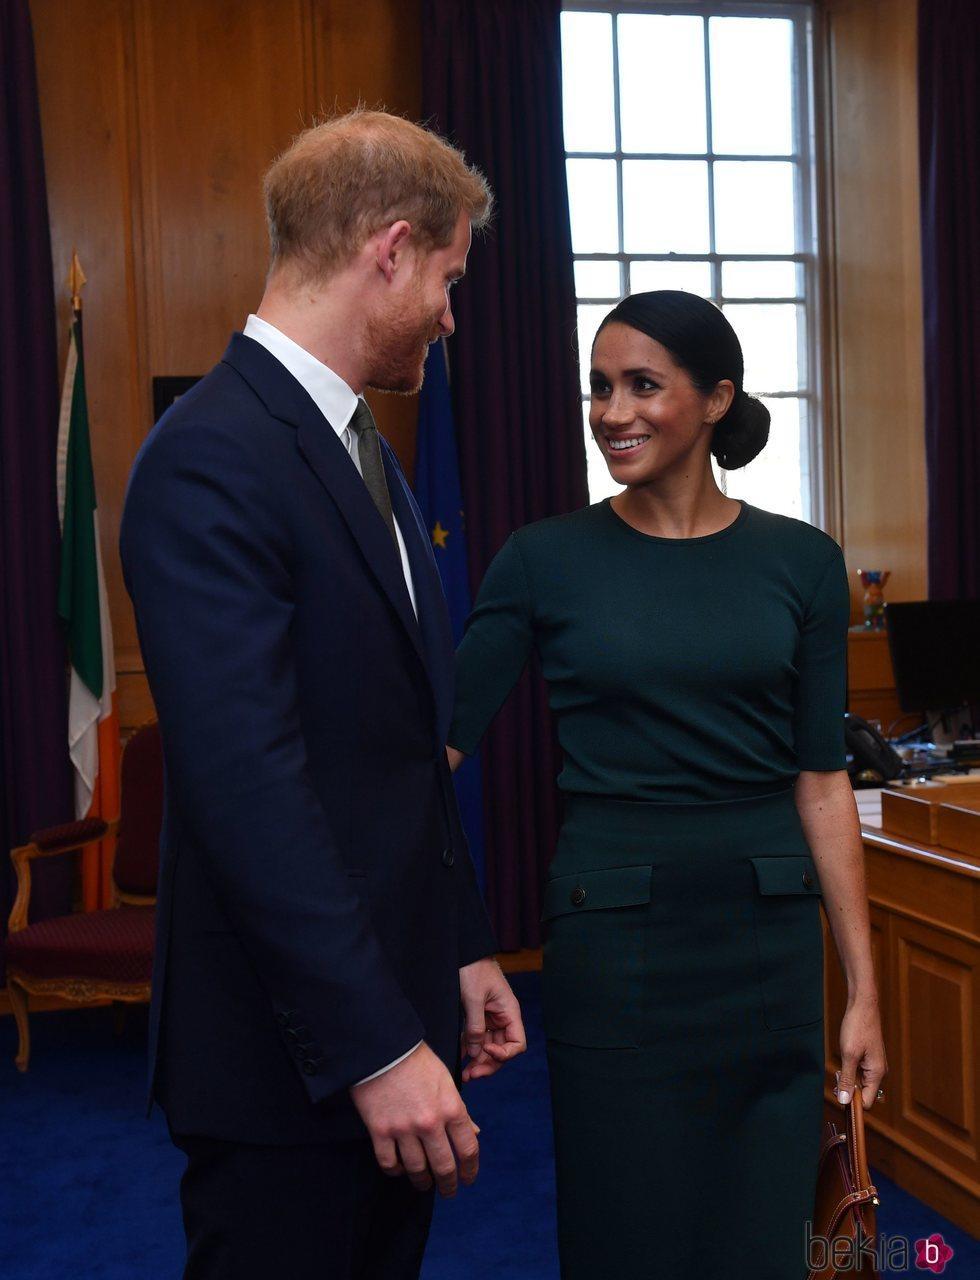 El Príncipe Harry y Meghan Markle, muy cómplices en su encuentro con el Primer Ministro de Irlanda